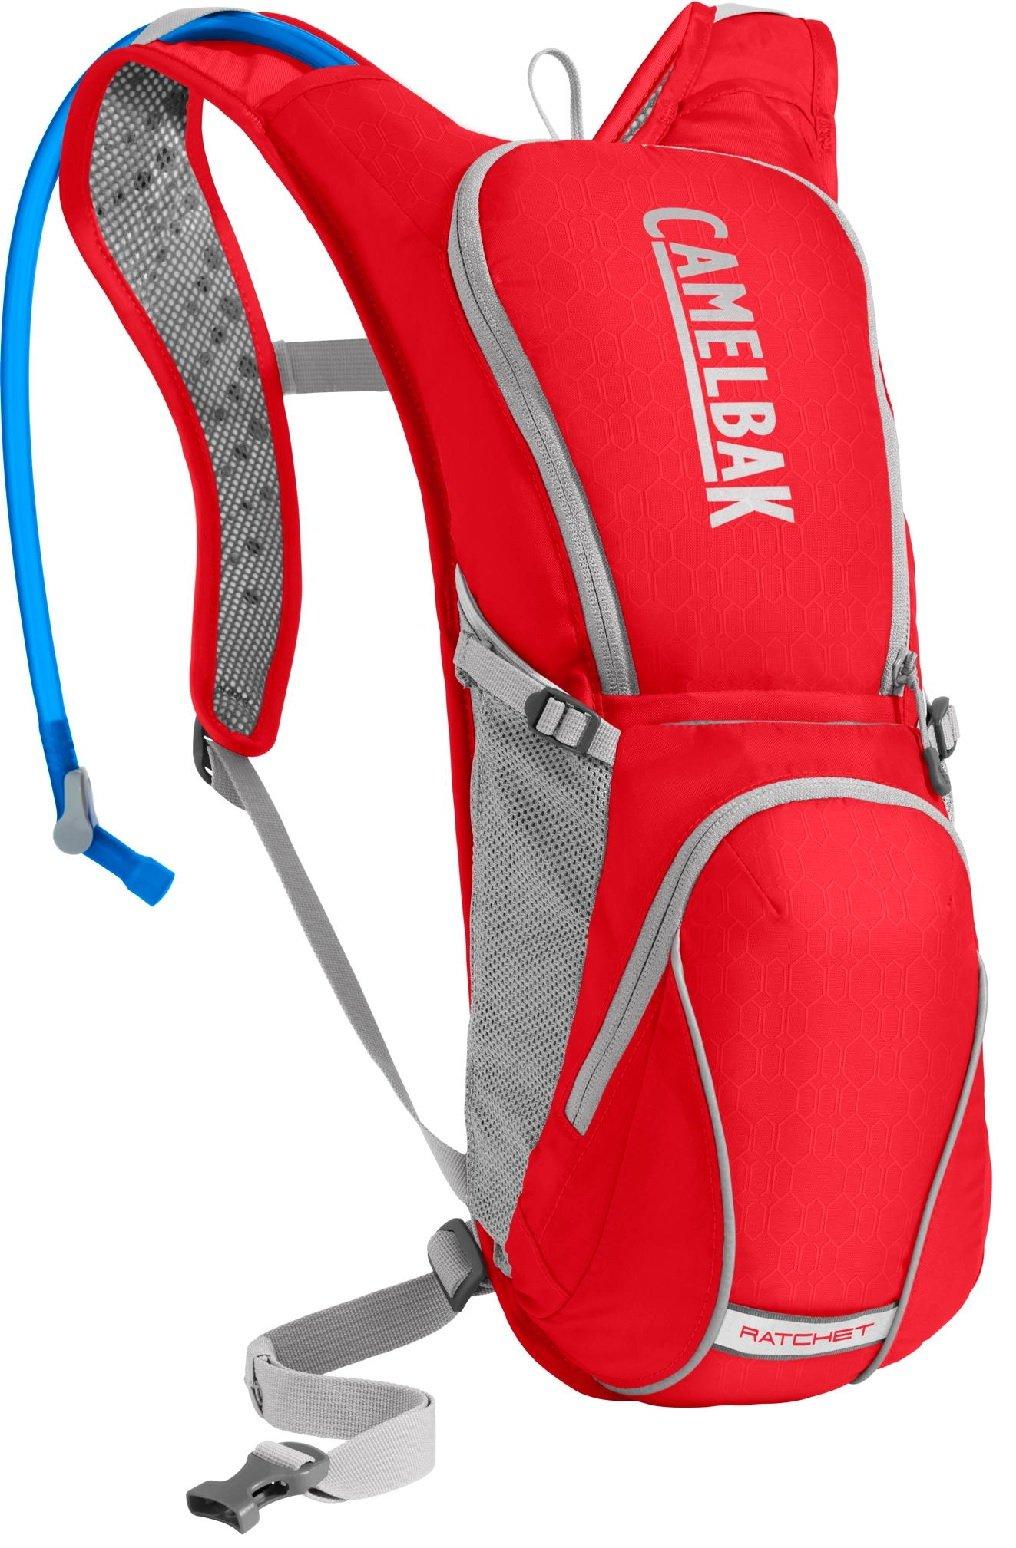 camelbak - Ratchet taske med væskesystem